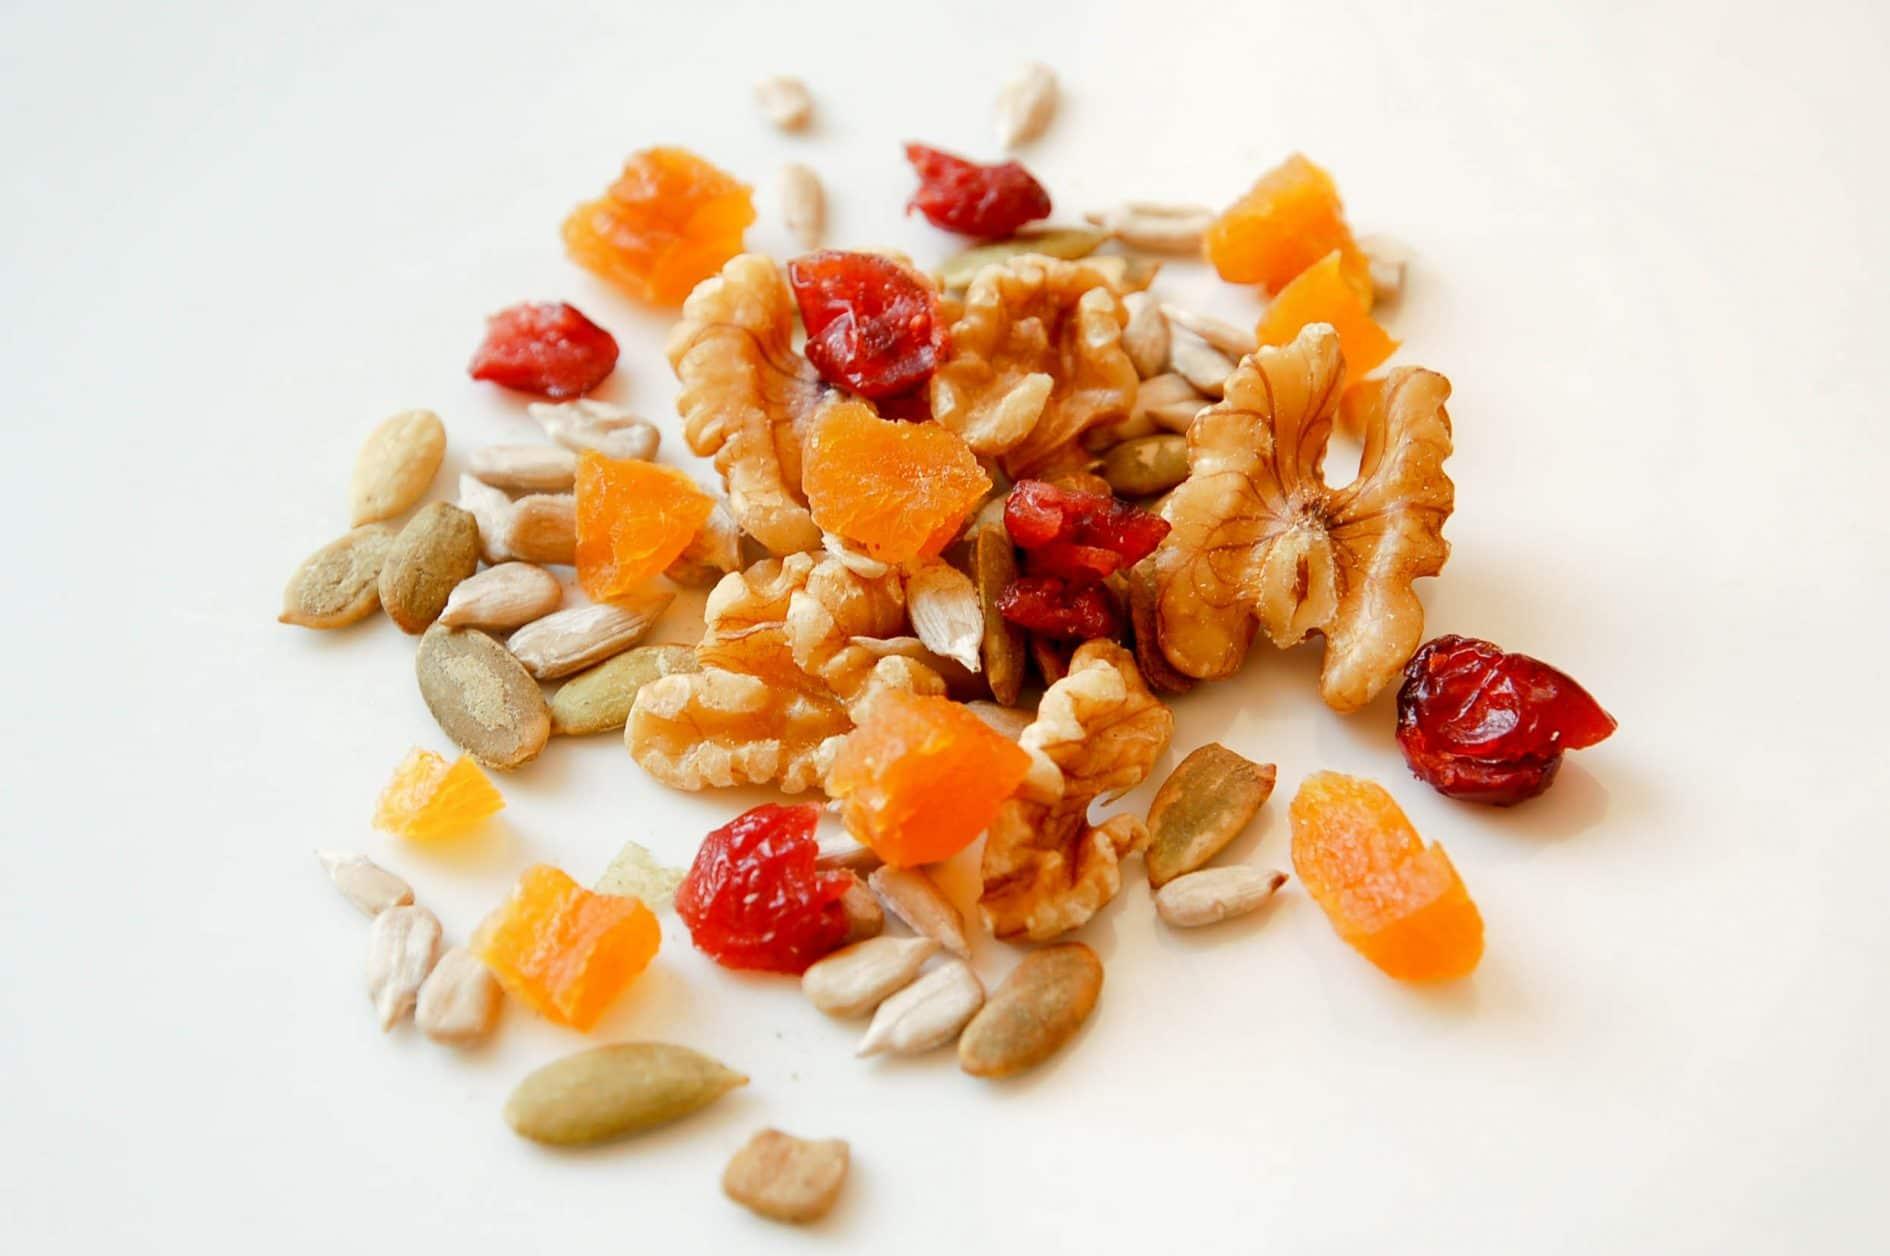 sementes e castanhas para o lanche